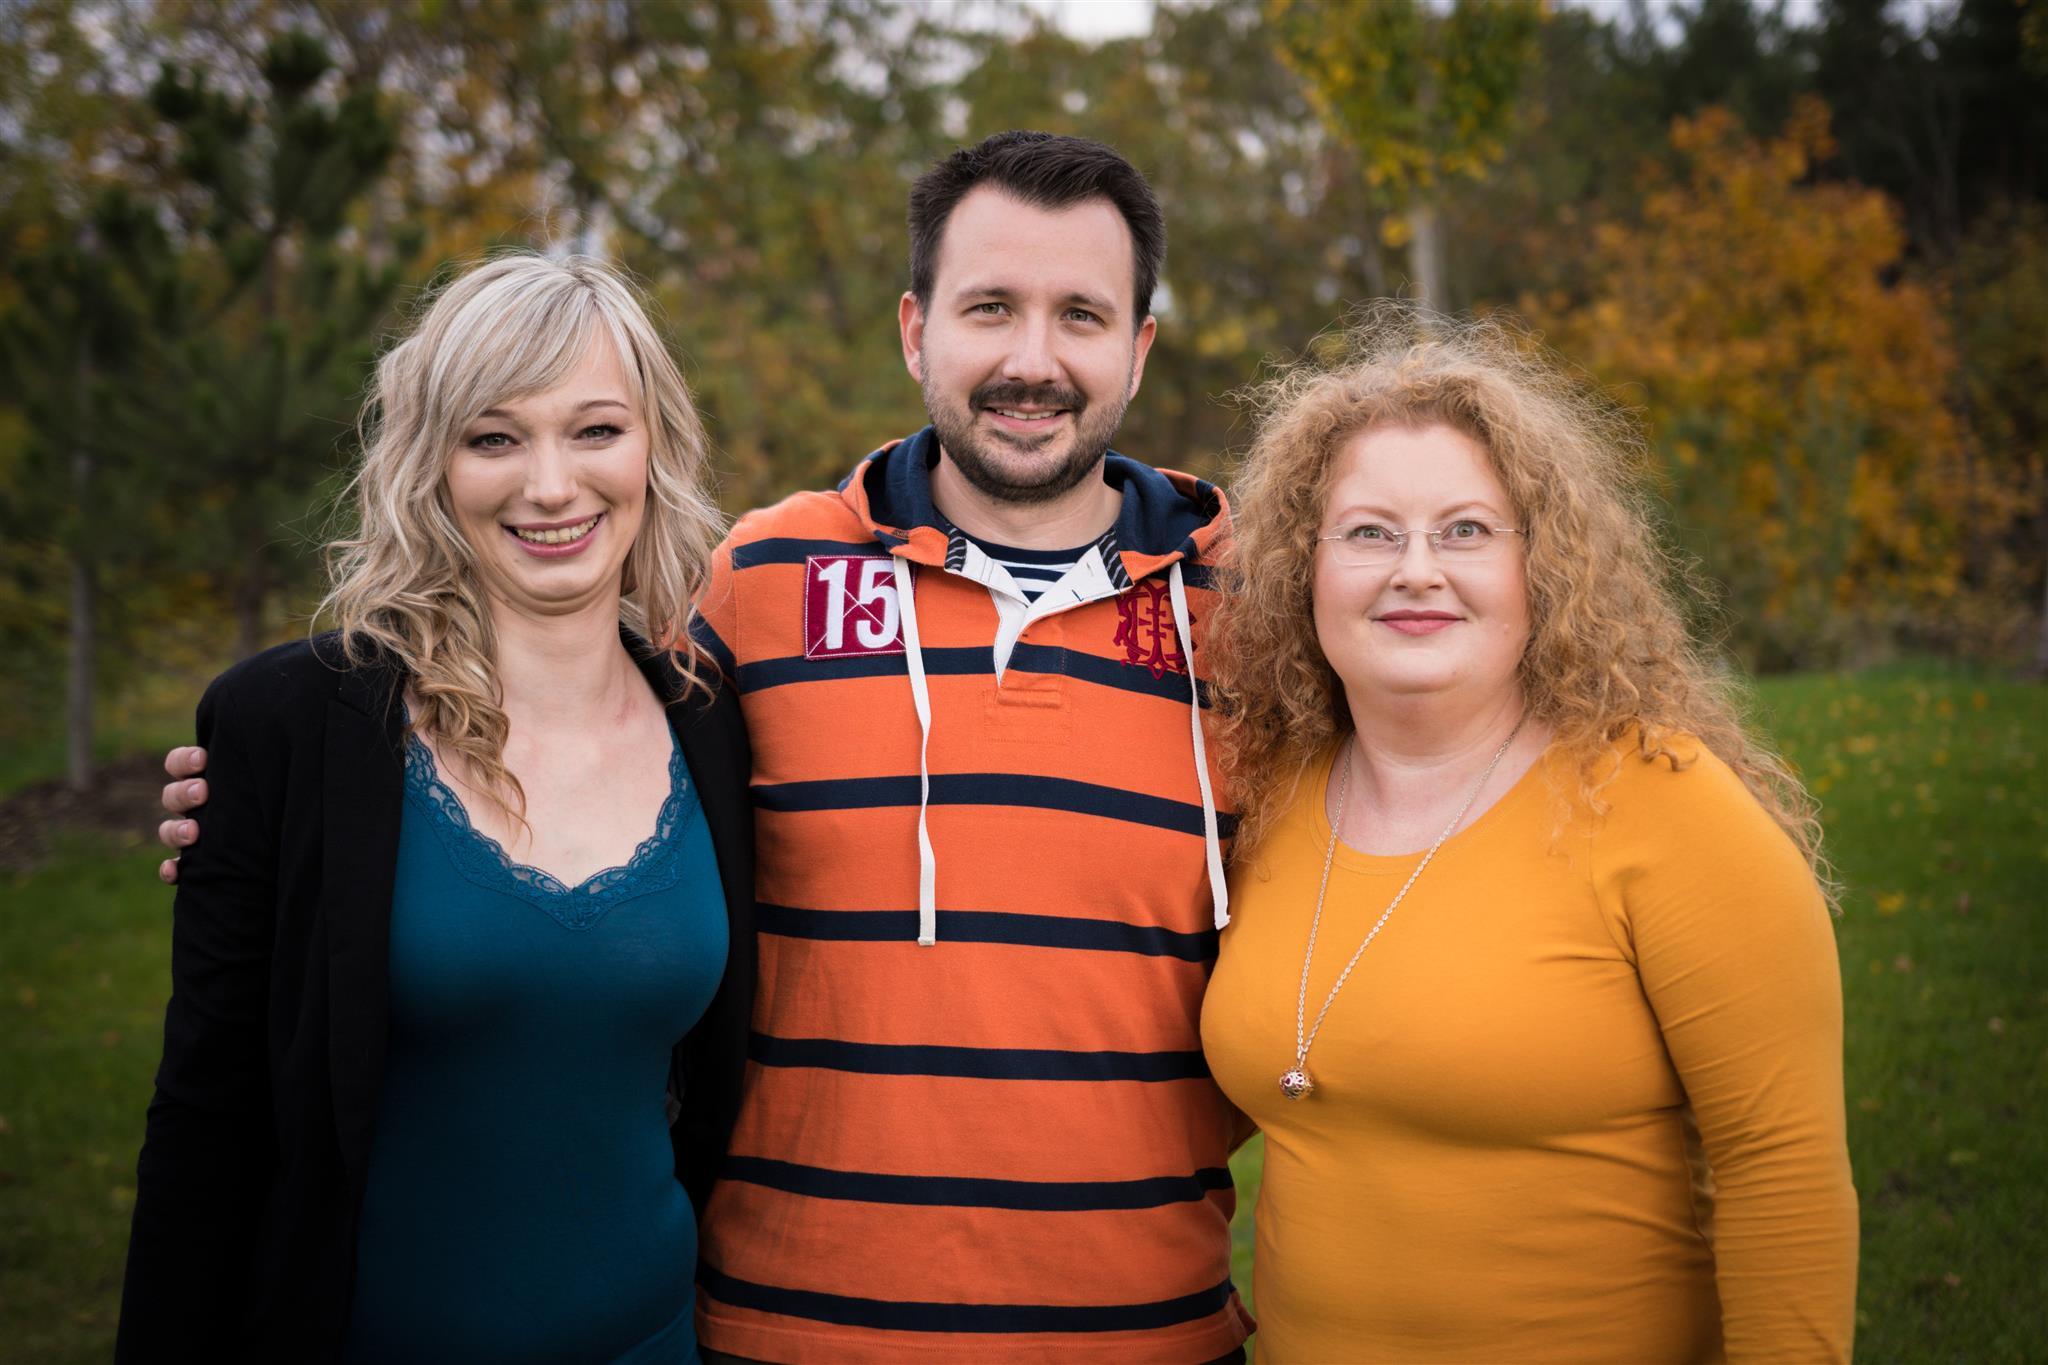 Naši milí podporáci Lenka, Jirka a Markéta moc rádi odpoví na vaše dotazy a pomohou vám s jakýmkoli problémem.